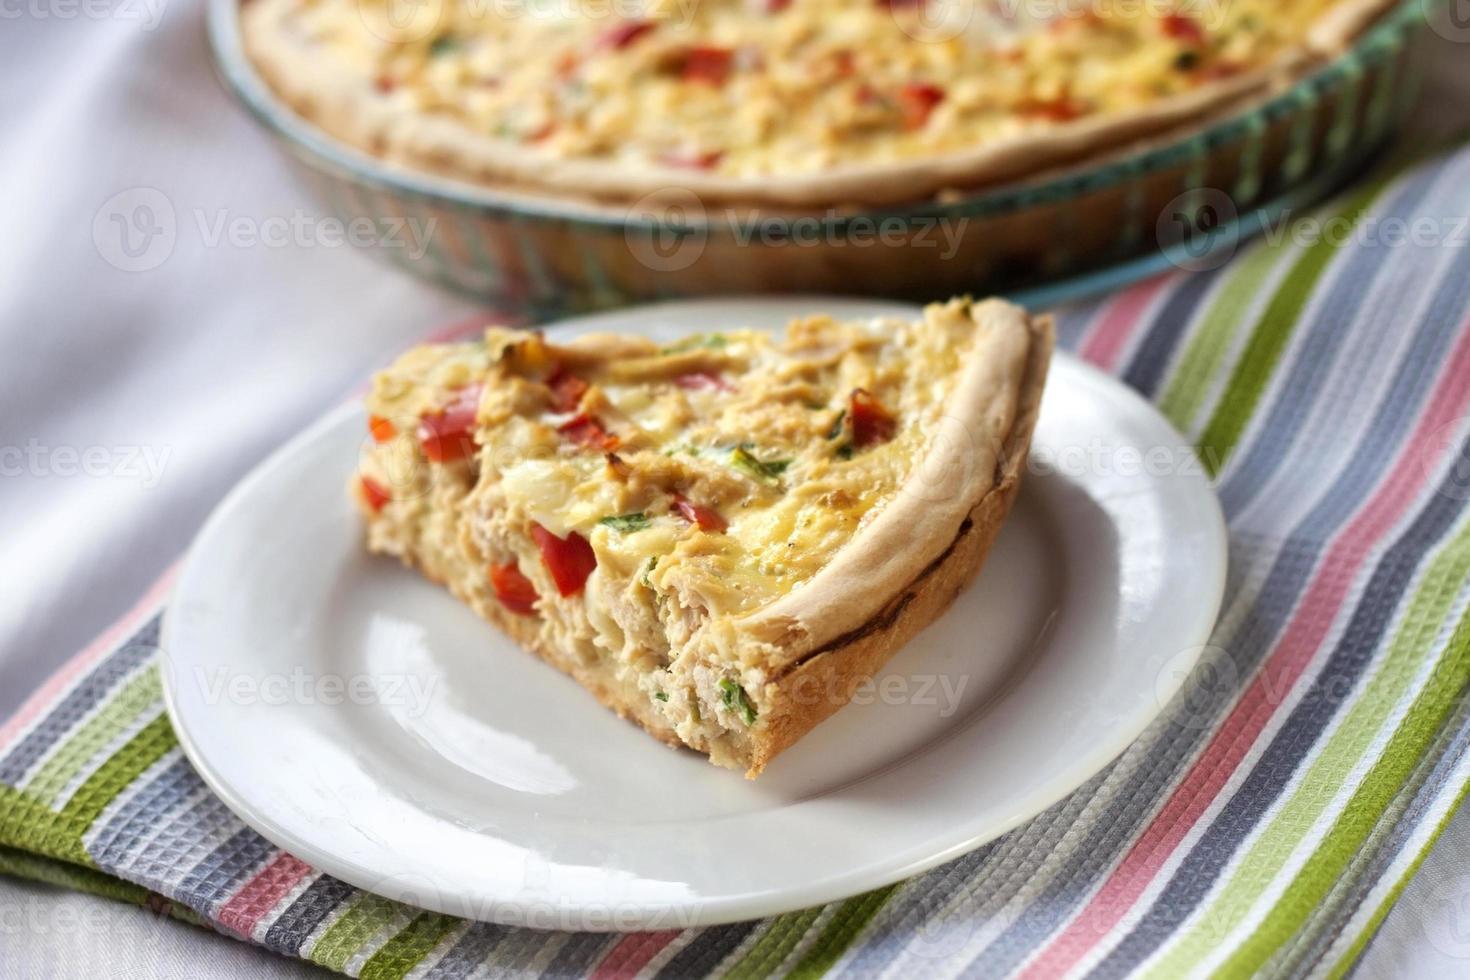 torta de frango com pimentão e queijo de cabra foto